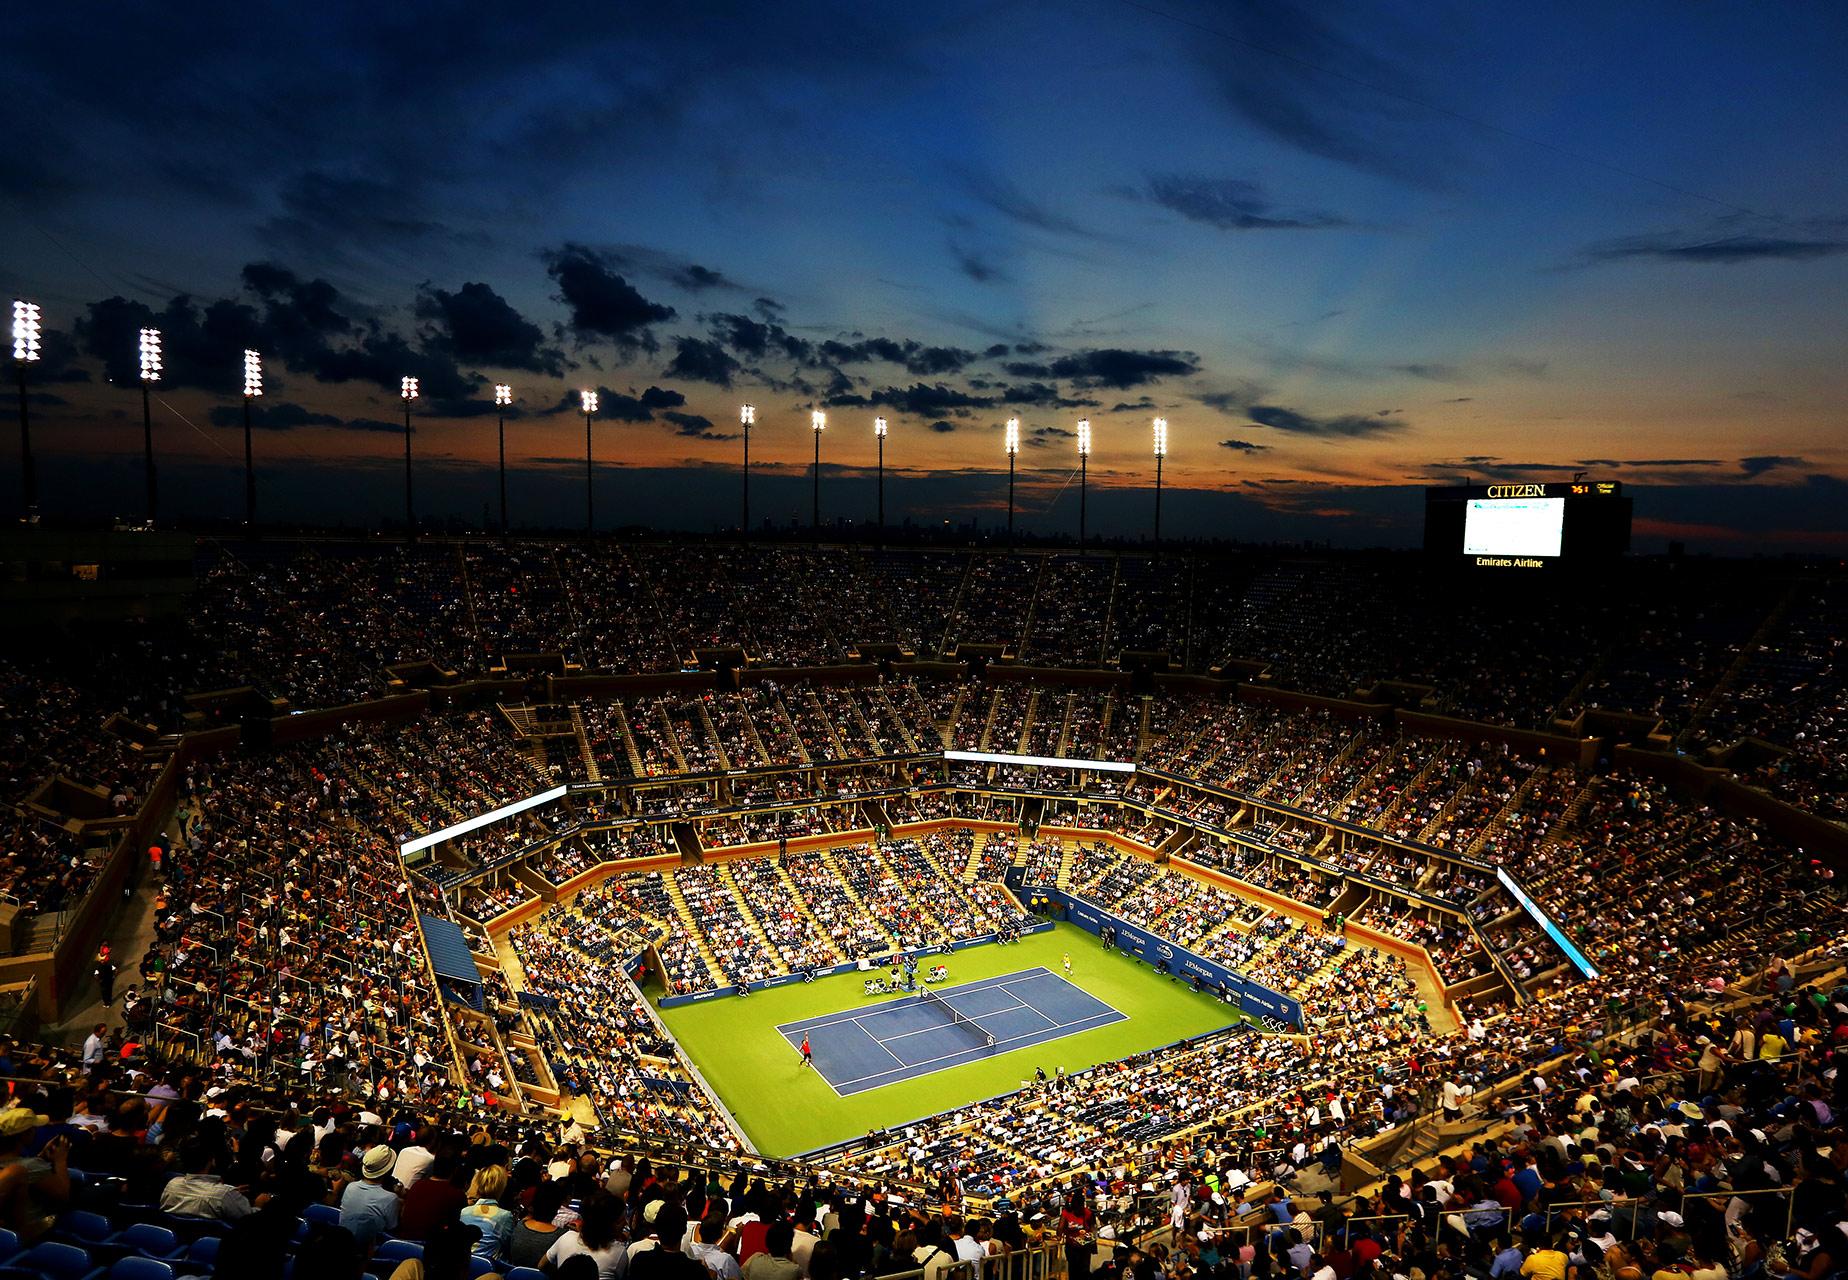 us_open_2014_tennis_stadium_photo.jpg